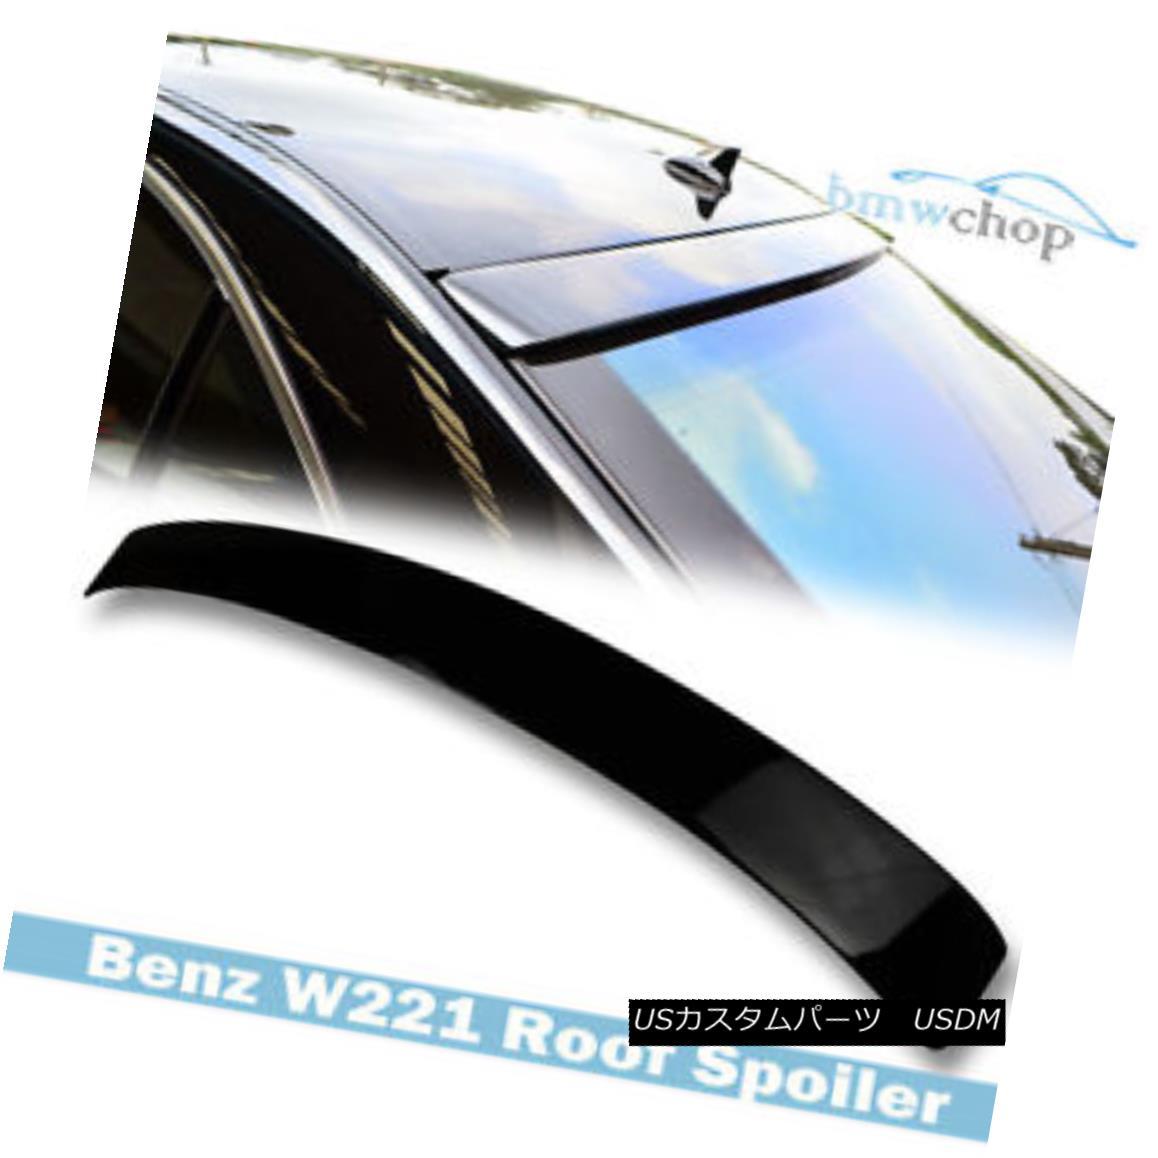 エアロパーツ Painted Mercedes Benz W221 S-Class L Type Rear Roof Spoiler #197 Obsidian Black 塗装メルセデスベンツW221 SクラスLタイプリアルーフスポイラー#197黒曜石